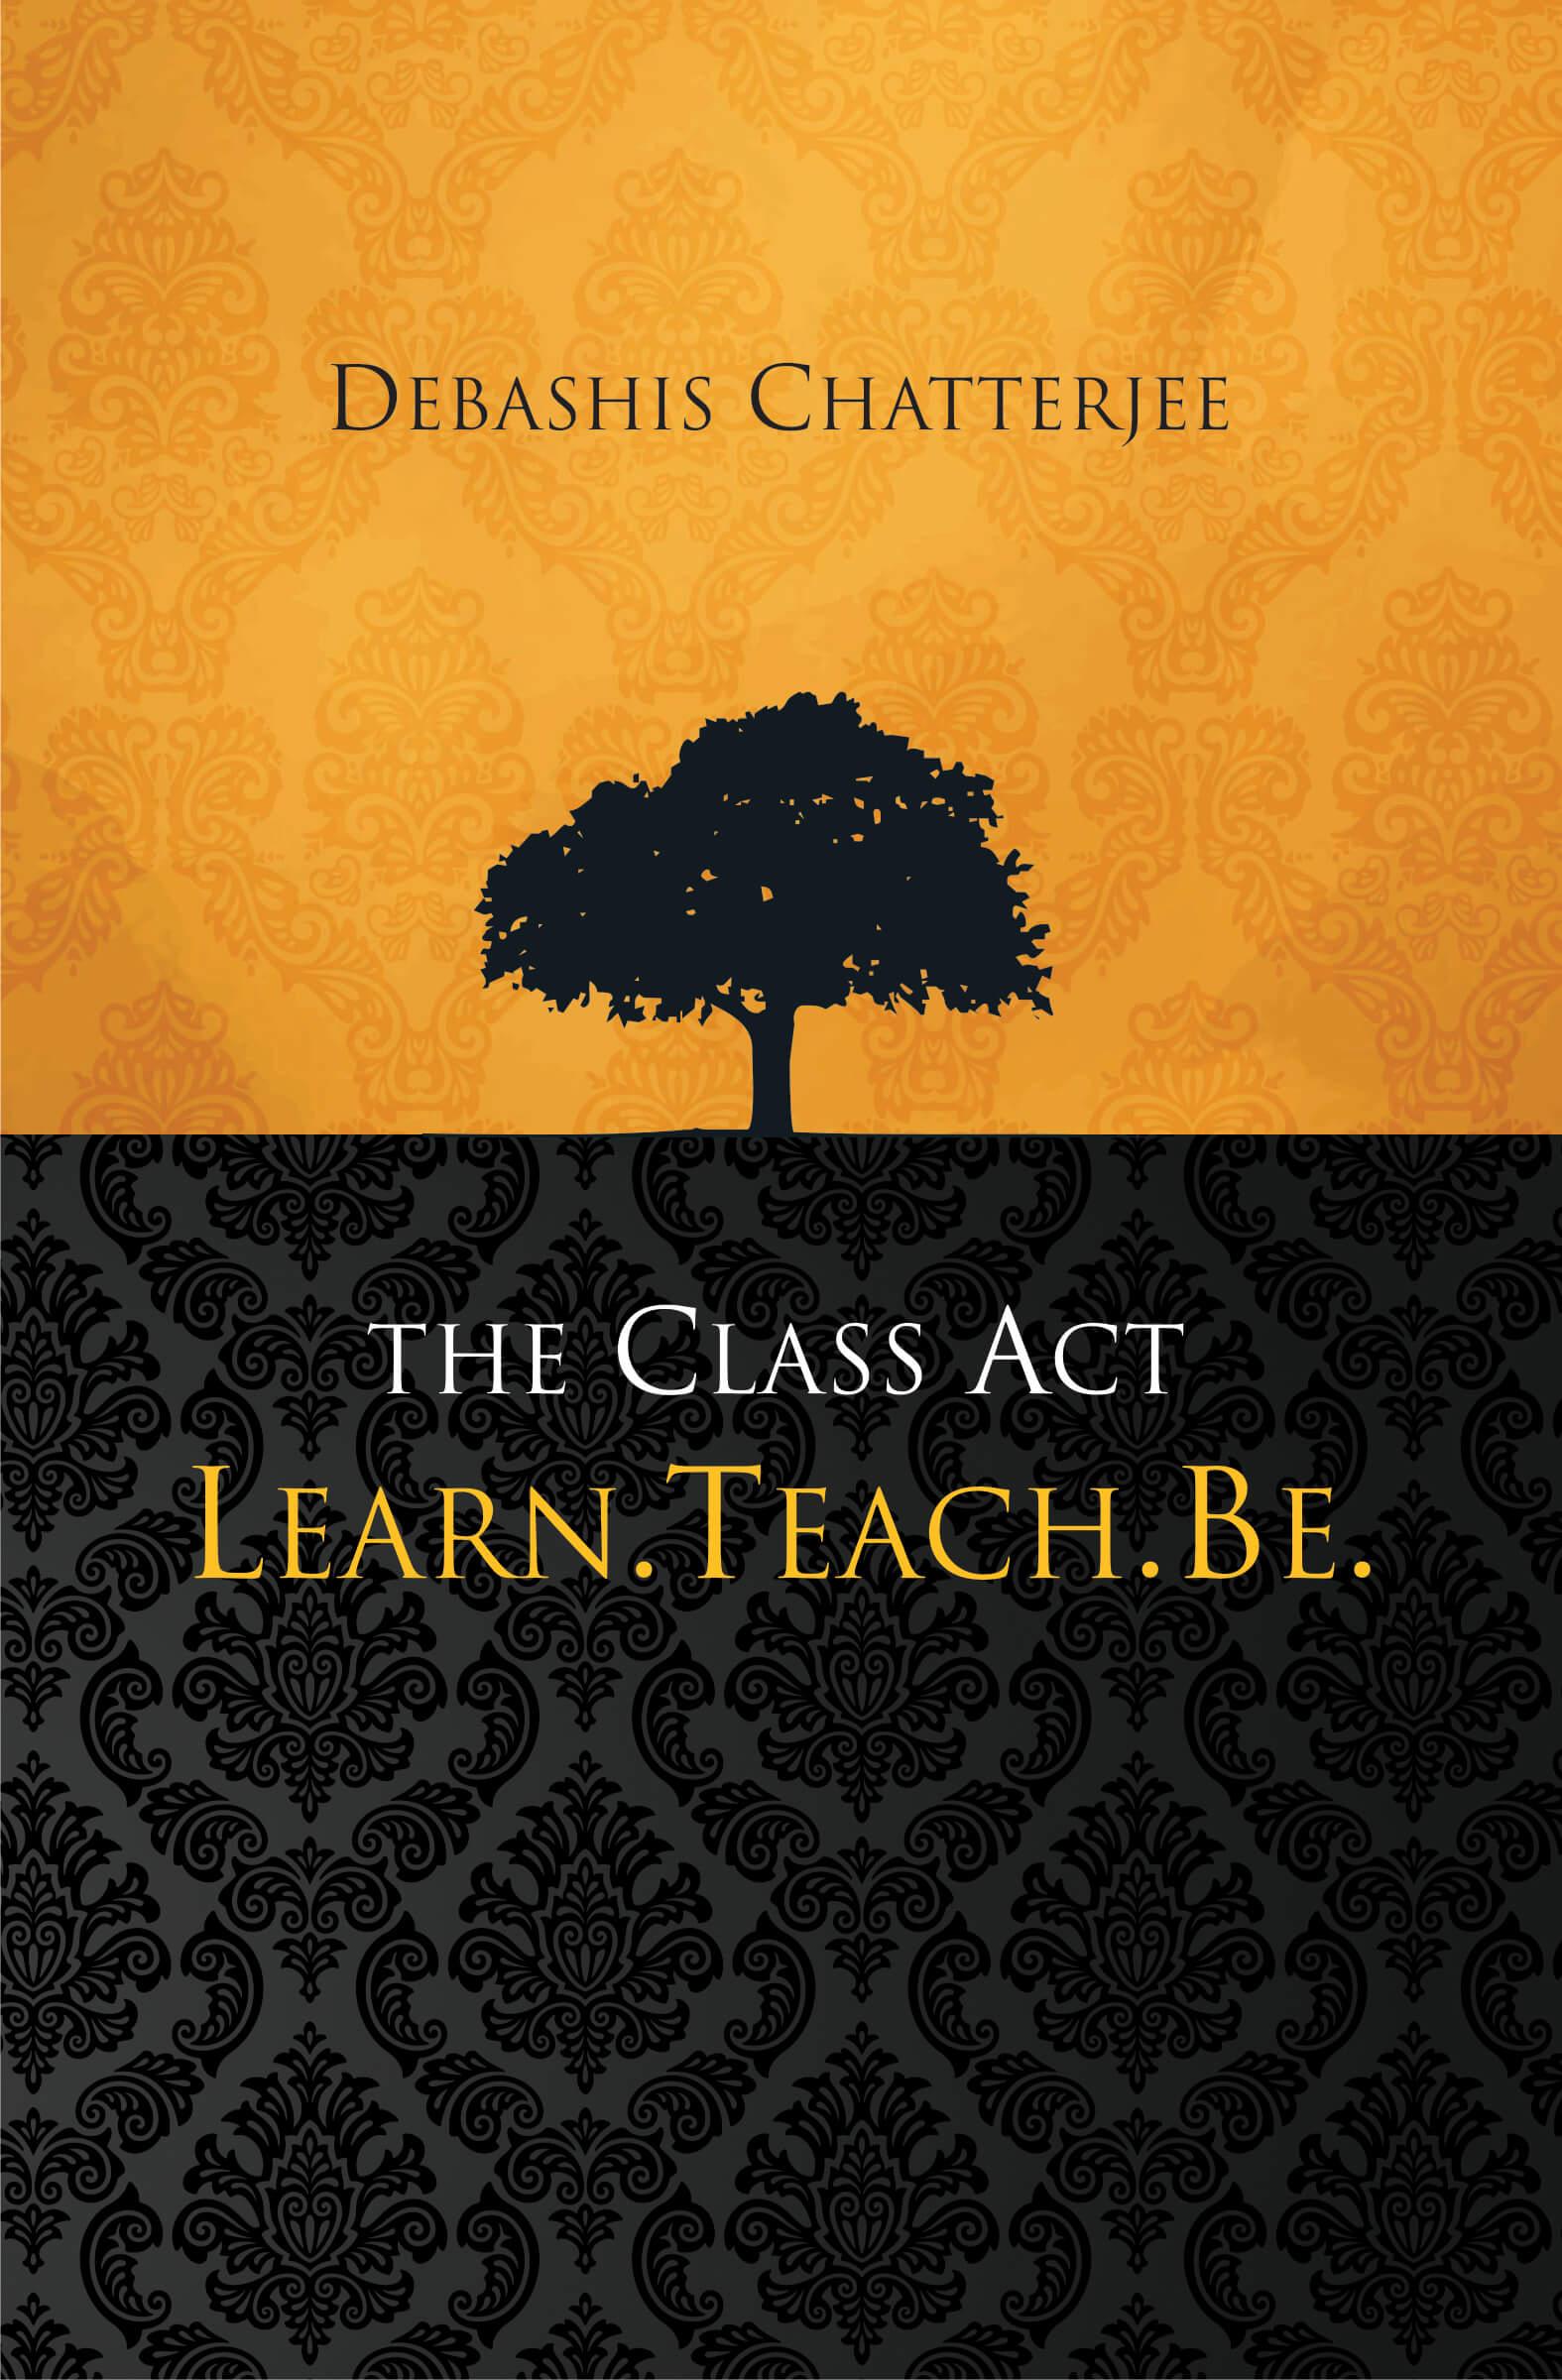 The Class Act: Learn, Teach, Be